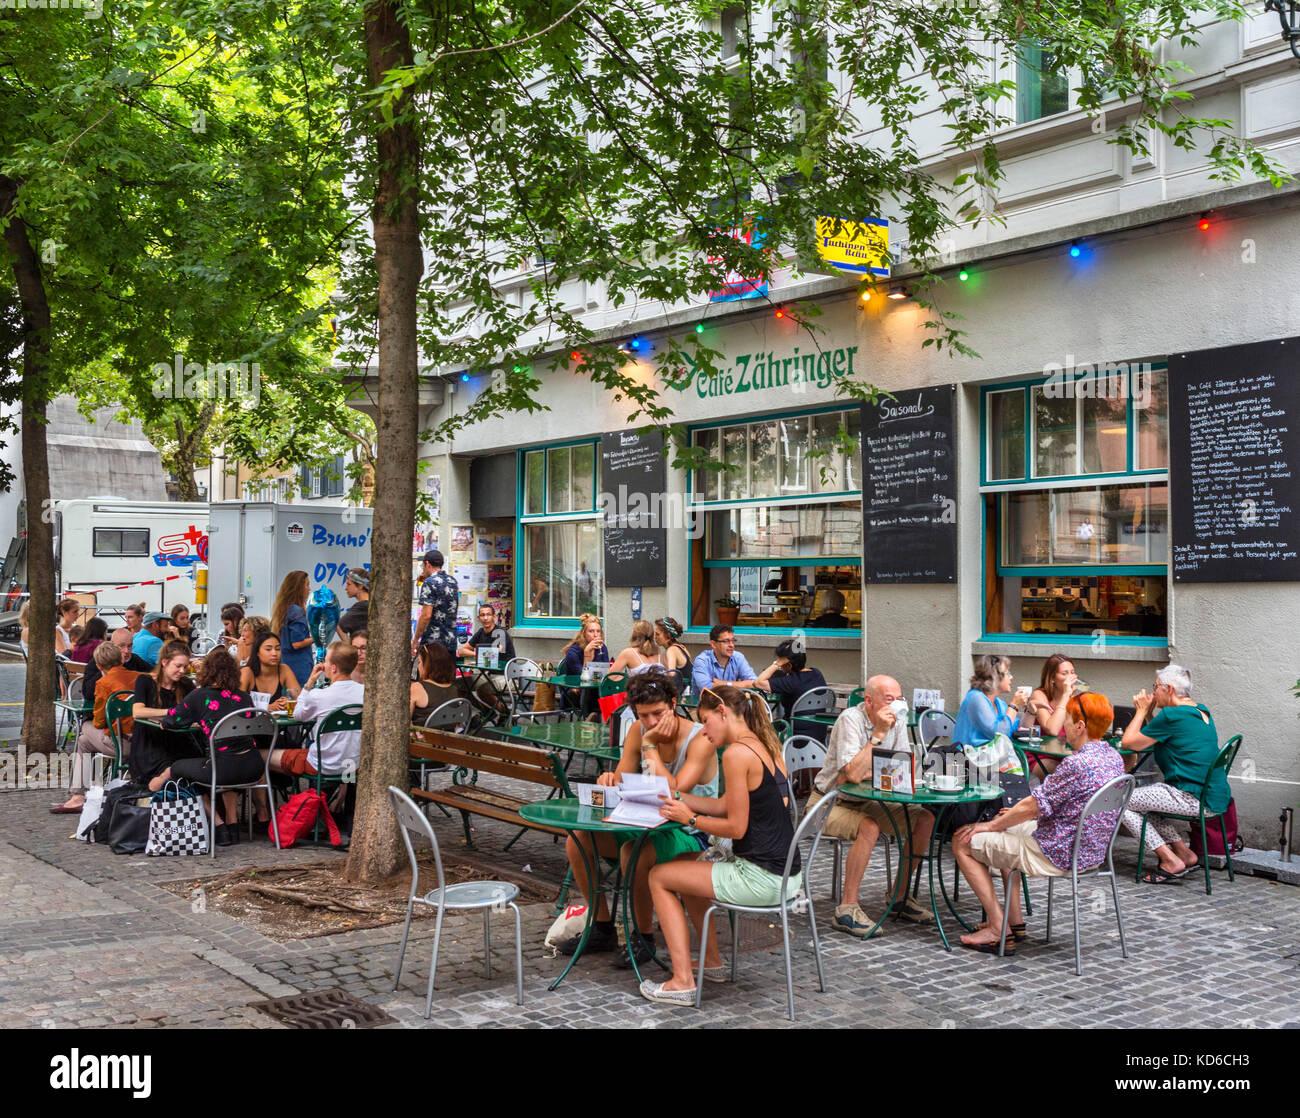 Cafe Zahringer on Spitalgasse in the historic Niederdorf district, Zürich, SwitzerlandStock Photo